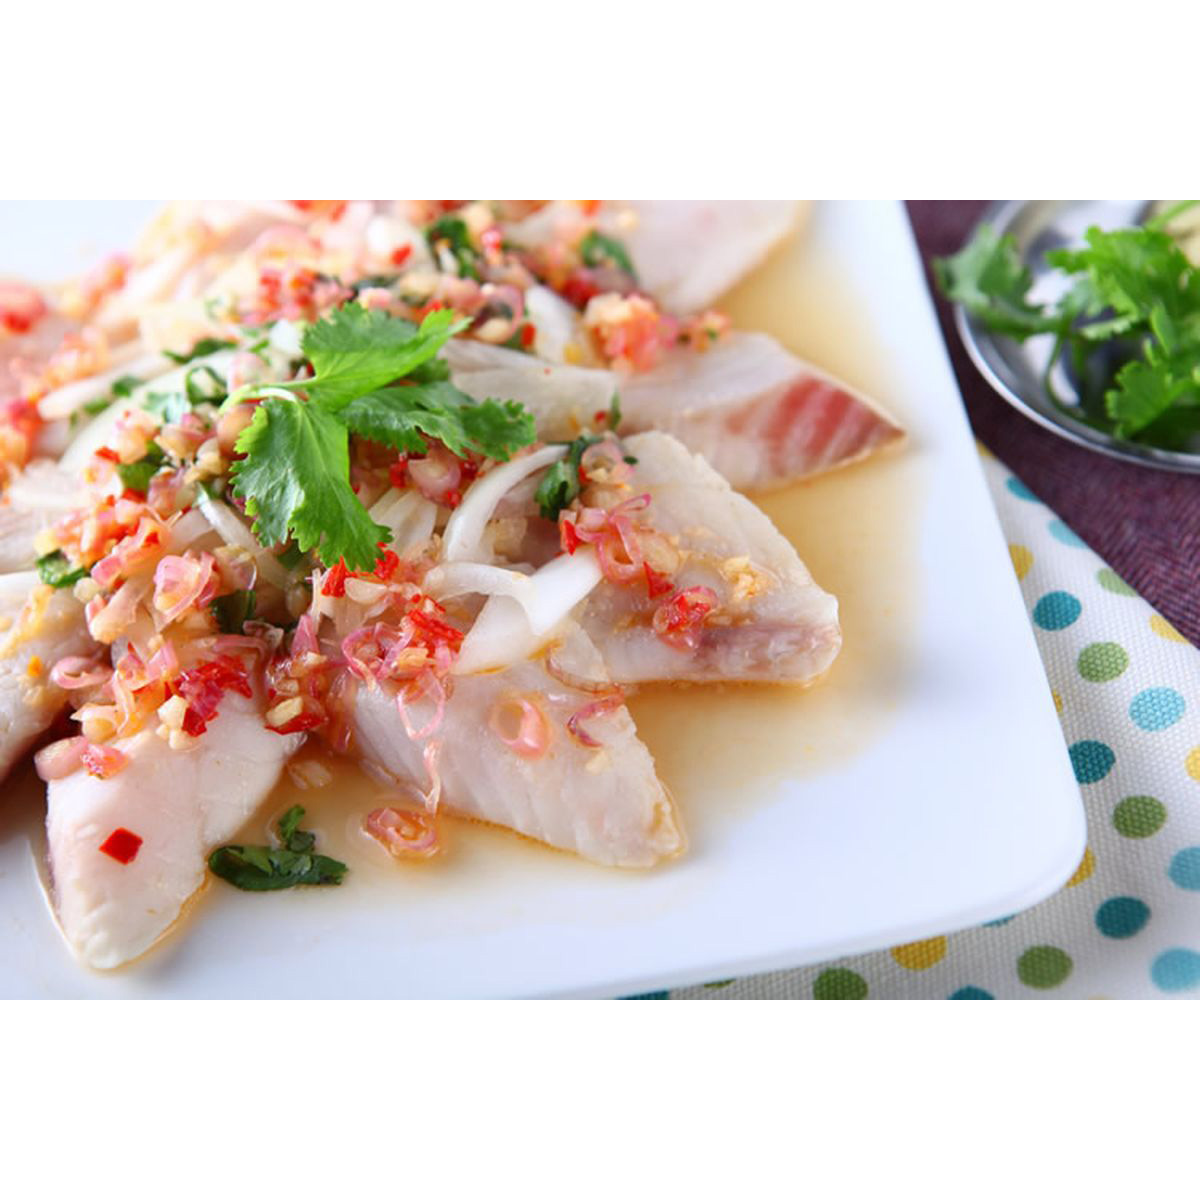 食譜:泰式酸辣魚片